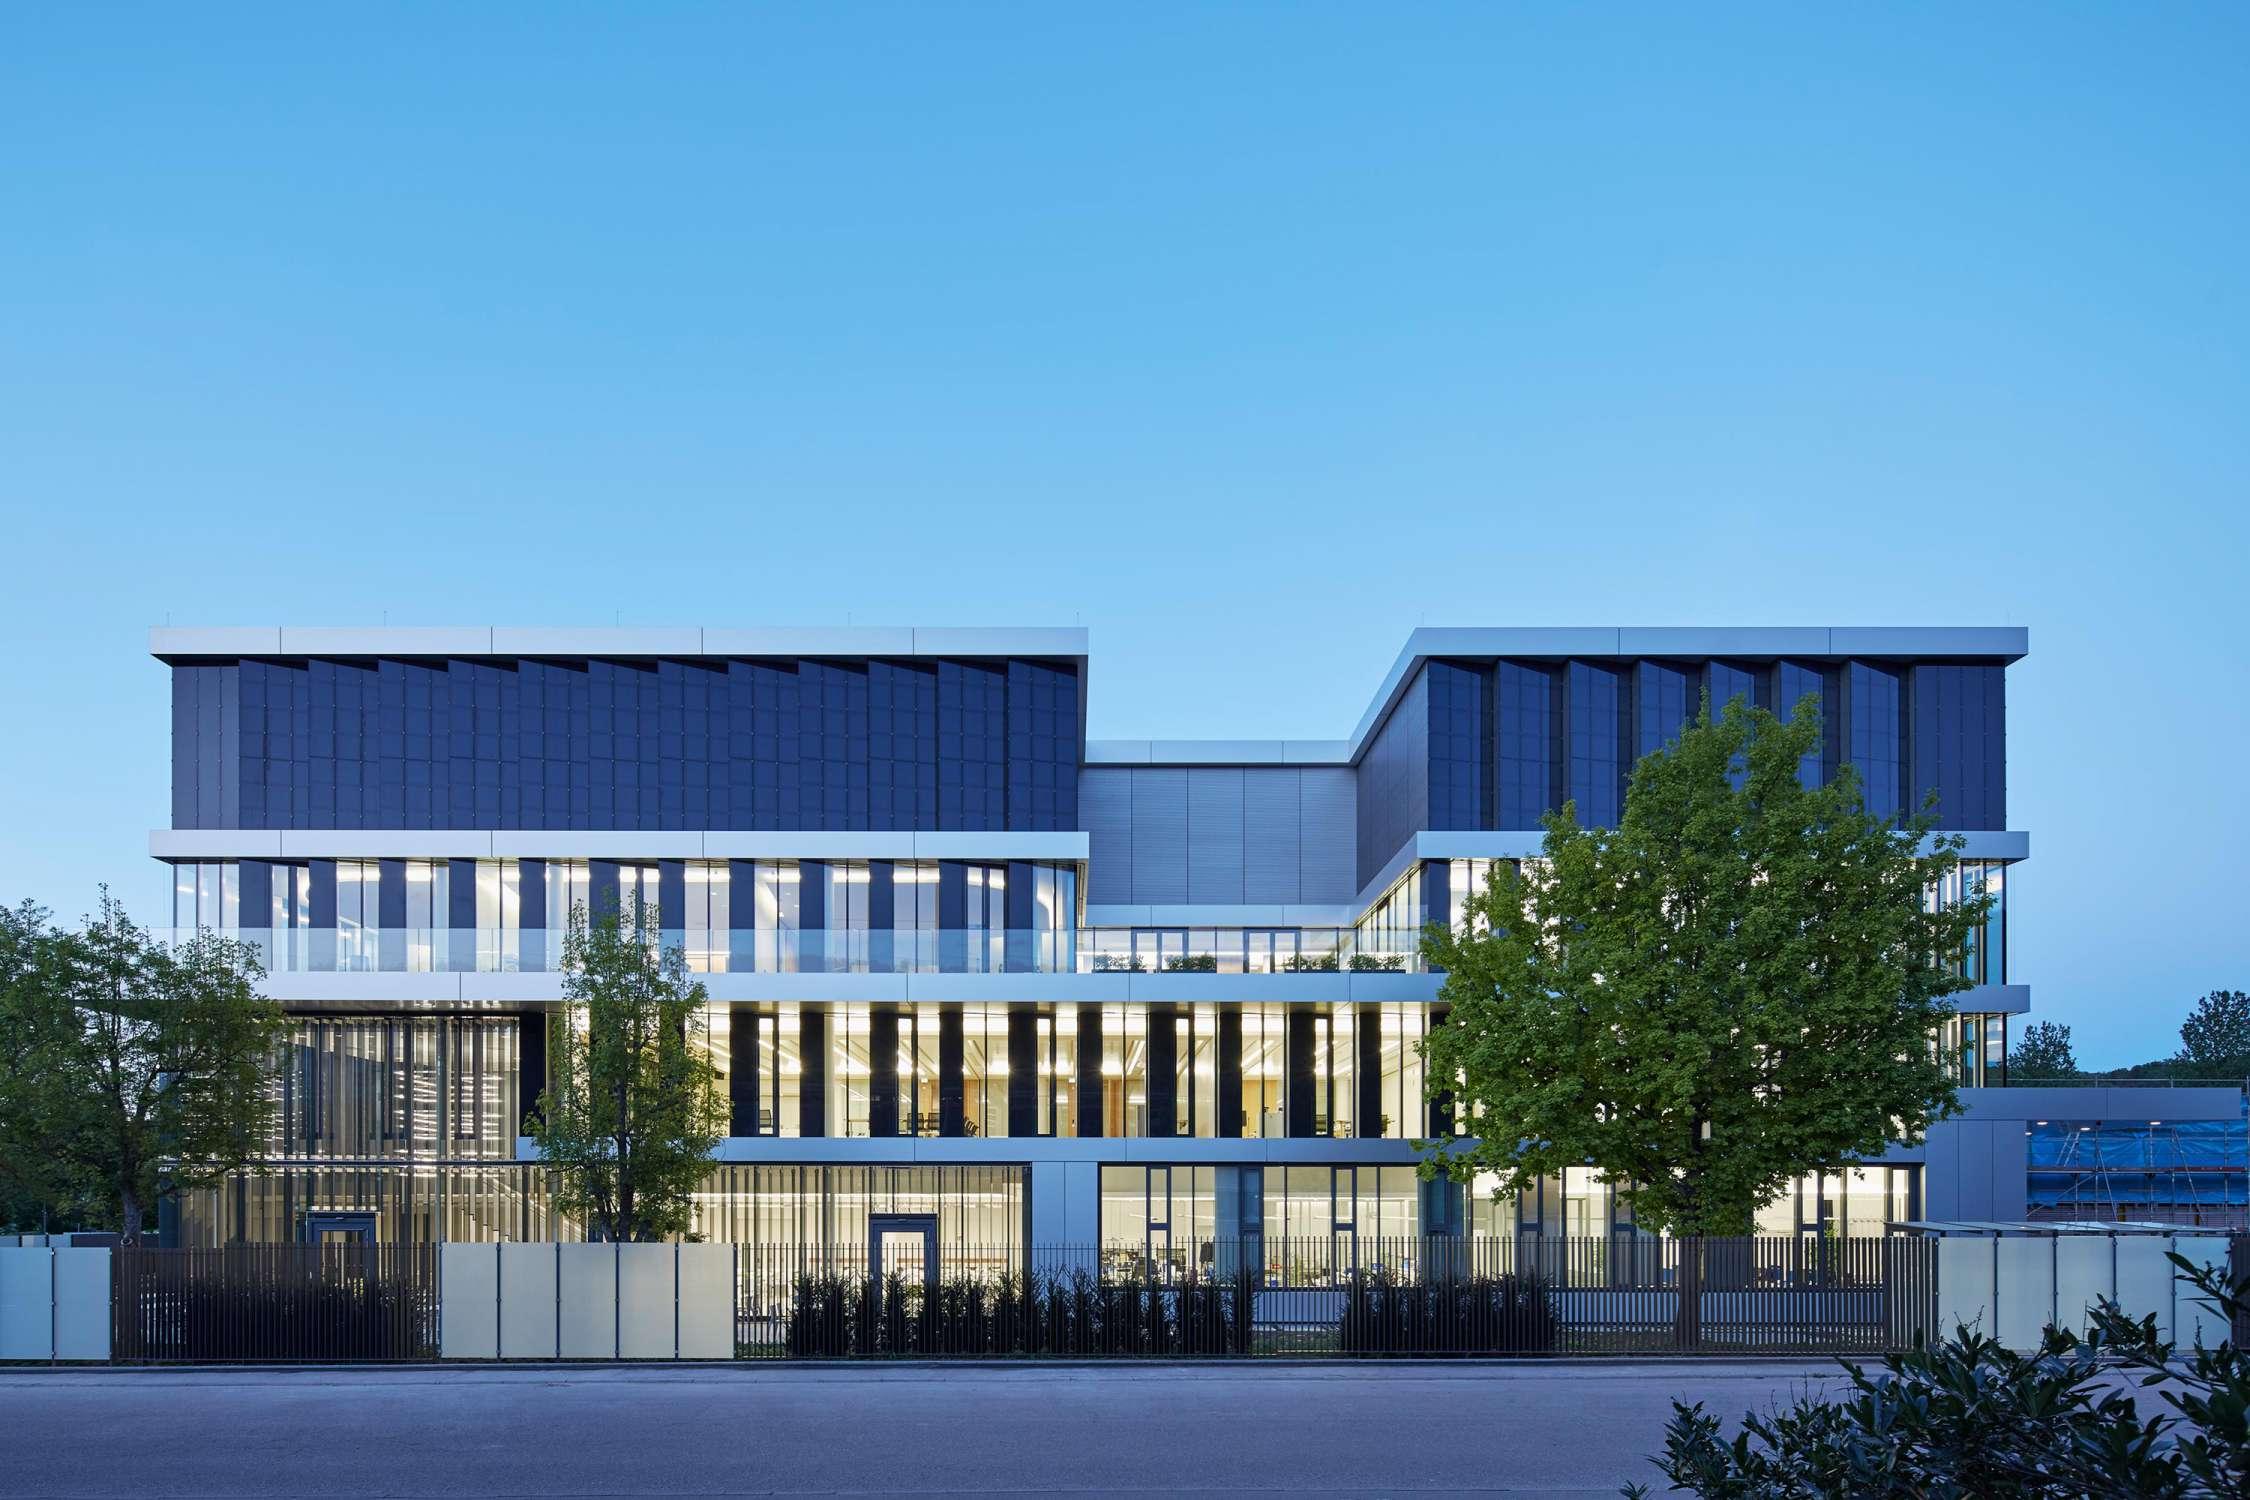 Verwaltungs- und Infrastrukturgebäude (16)